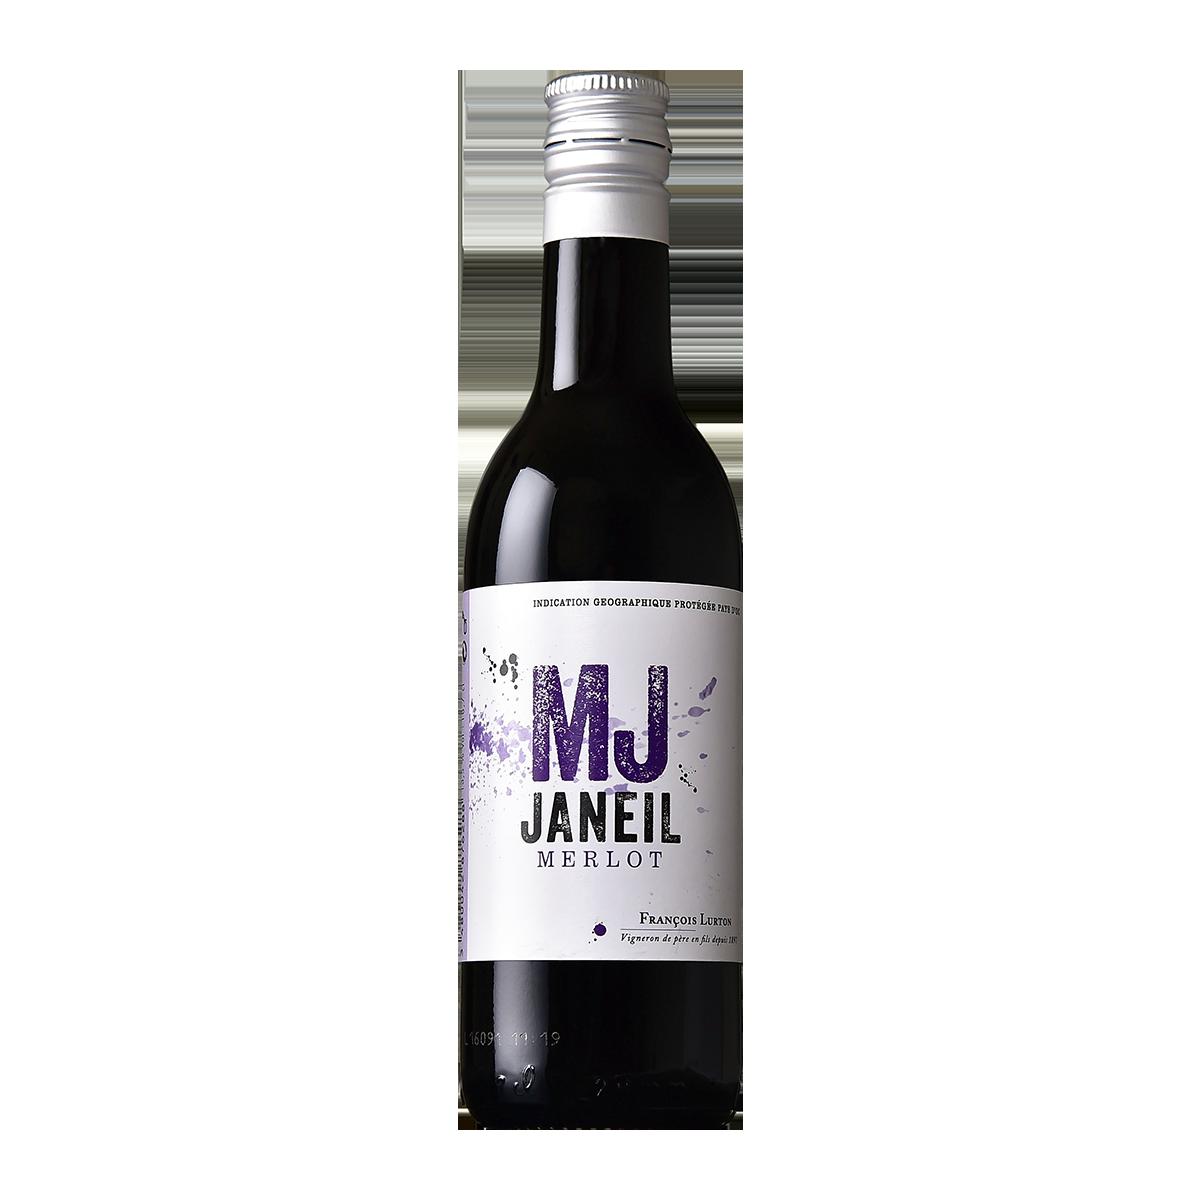 FRL1102Q 法國路得MJ梅洛紅酒 François Lurton MJ Janeil Merlot  Pays d'Oc I.G.P.  (187ML)